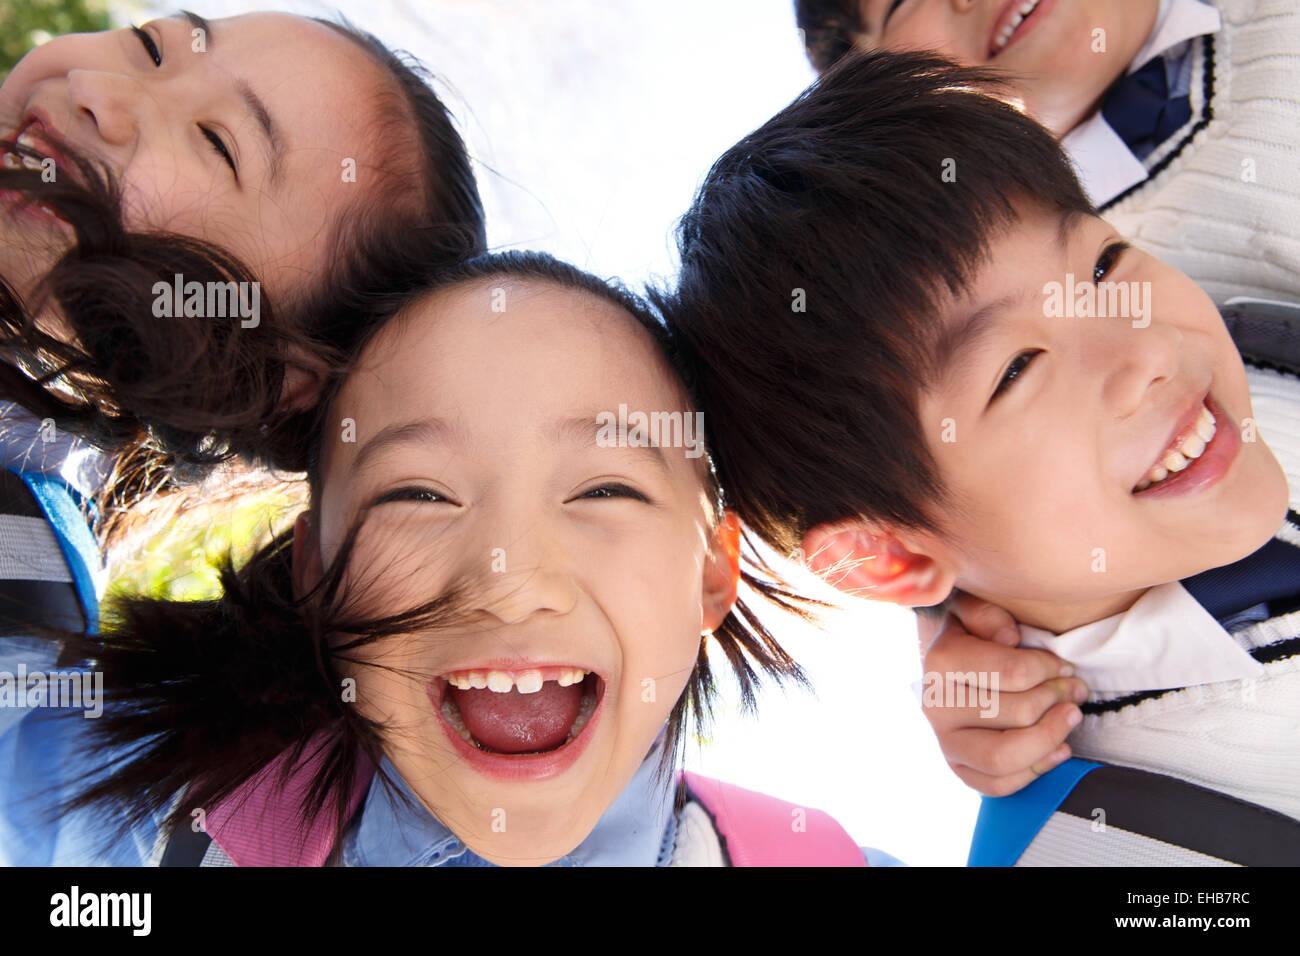 Innocent schoolchildren - Stock Image